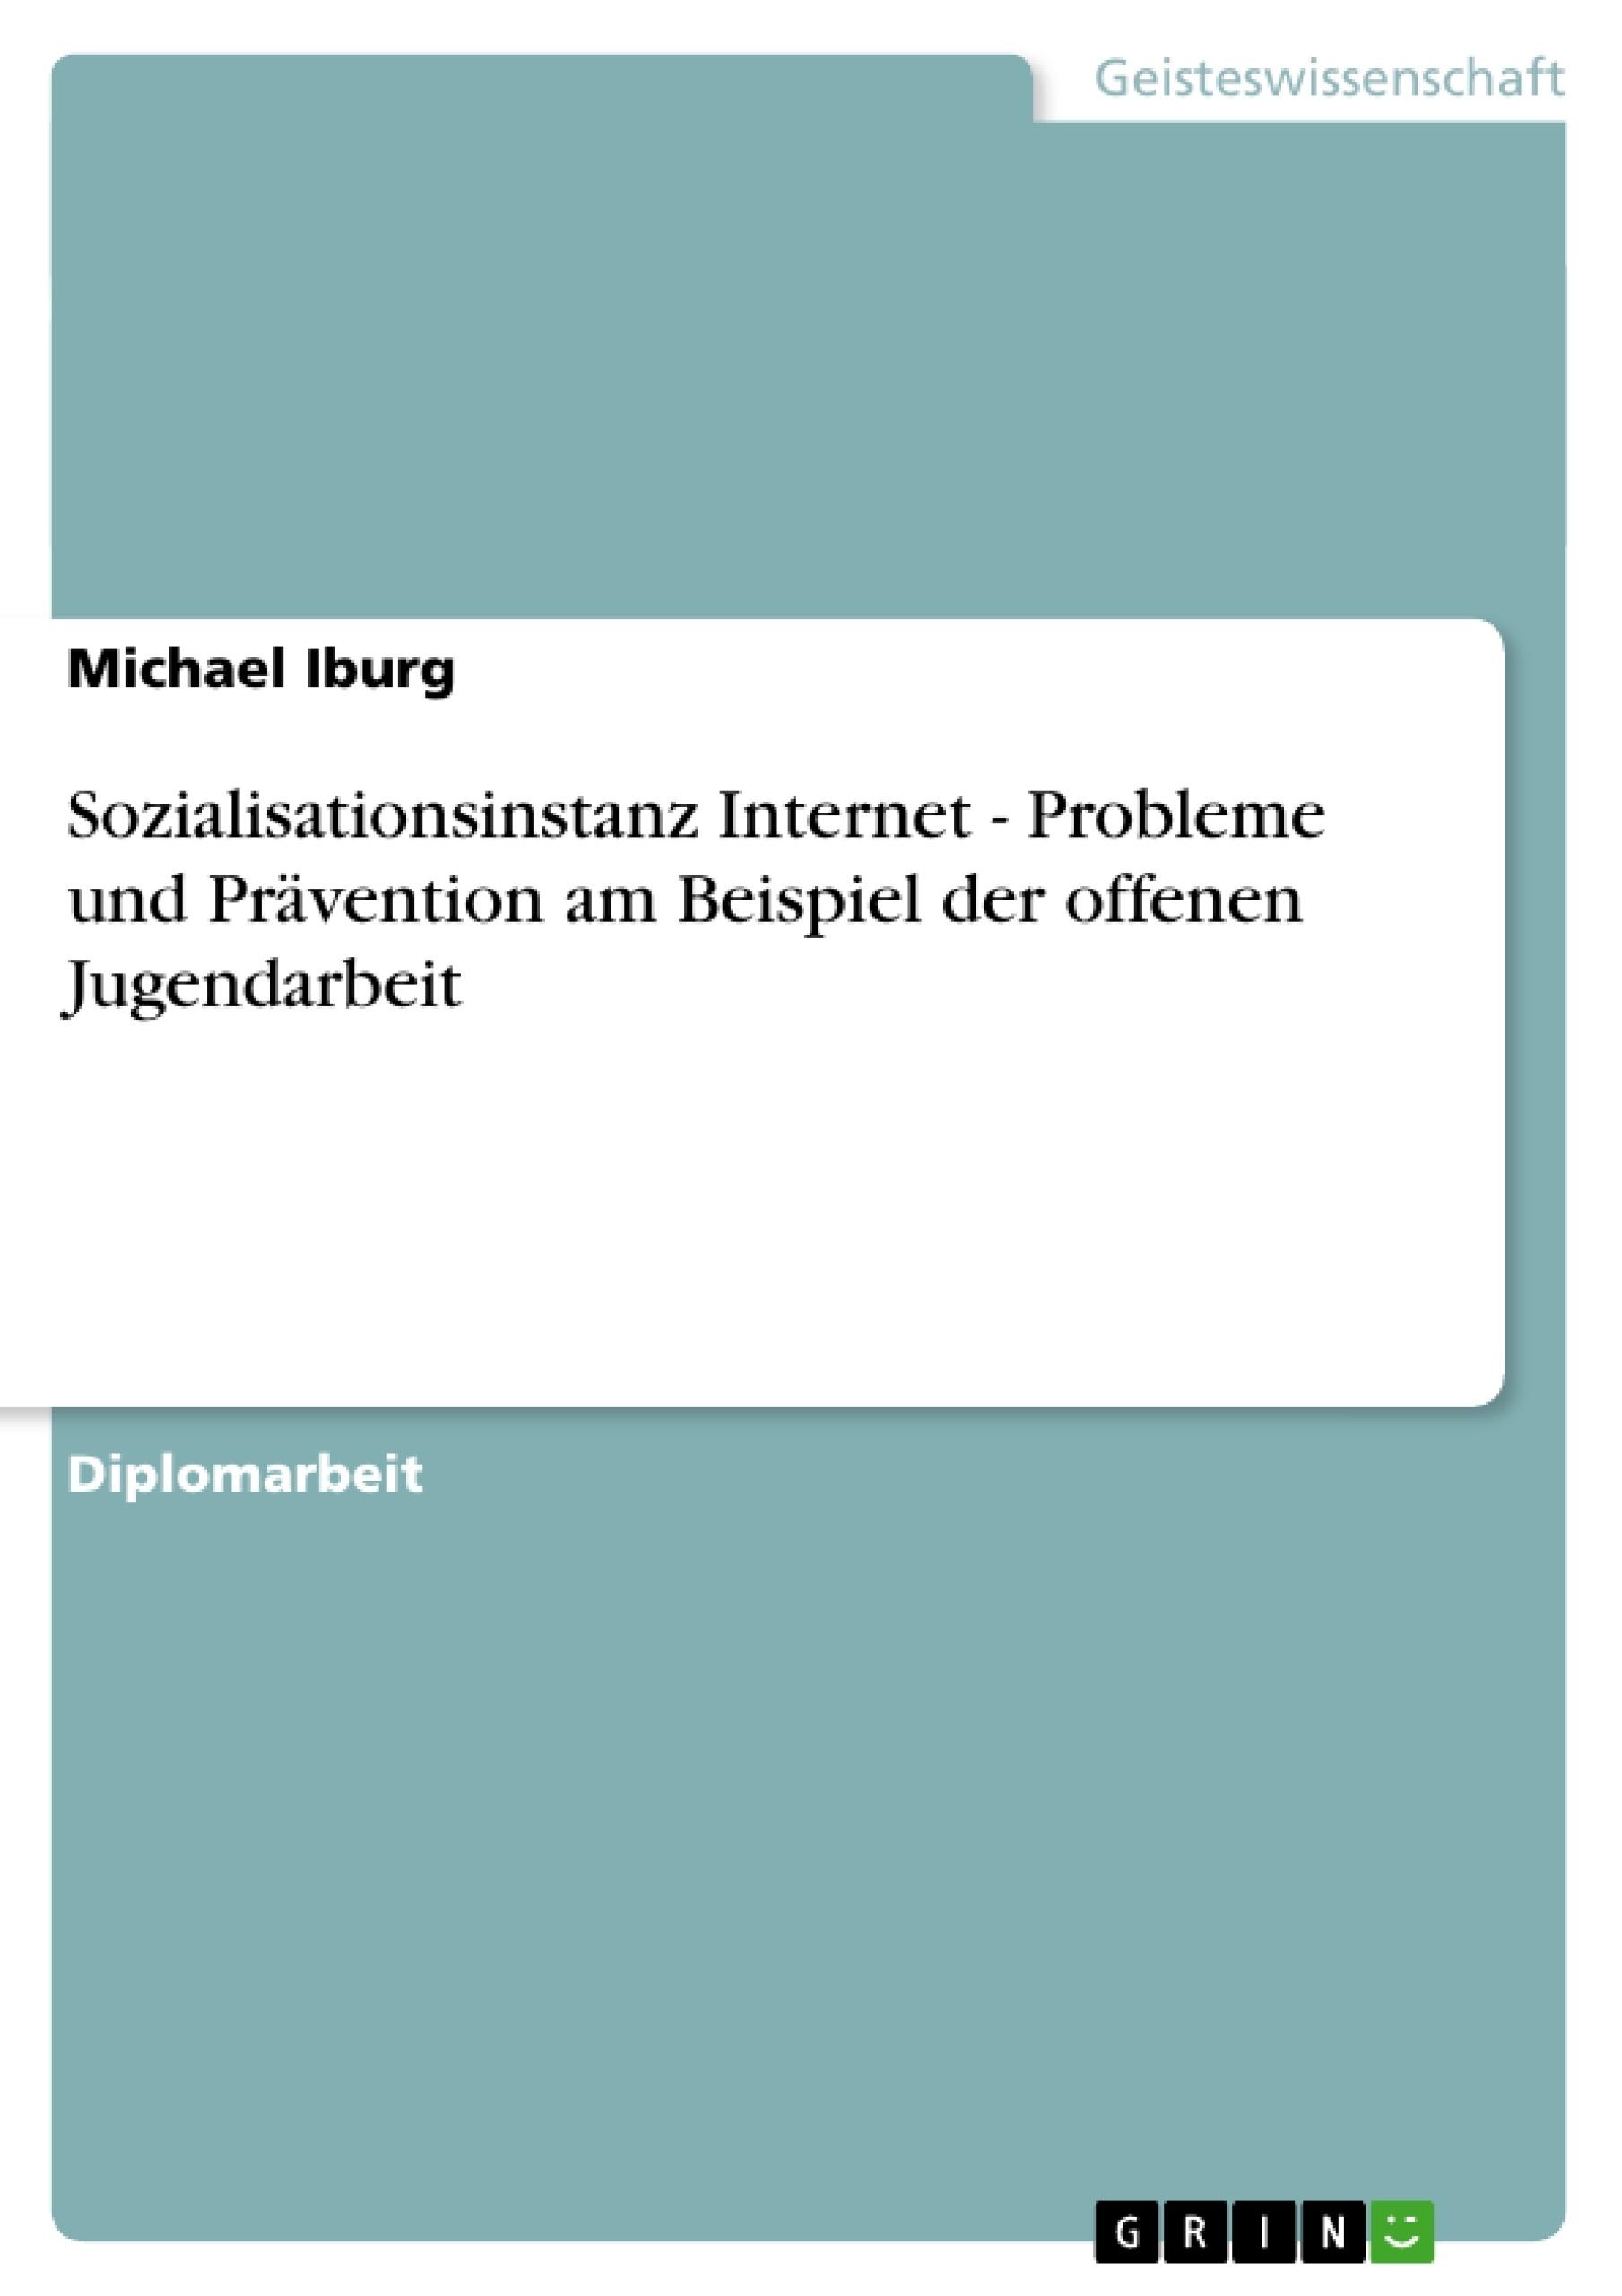 Titel: Sozialisationsinstanz Internet - Probleme und Prävention am Beispiel der offenen Jugendarbeit